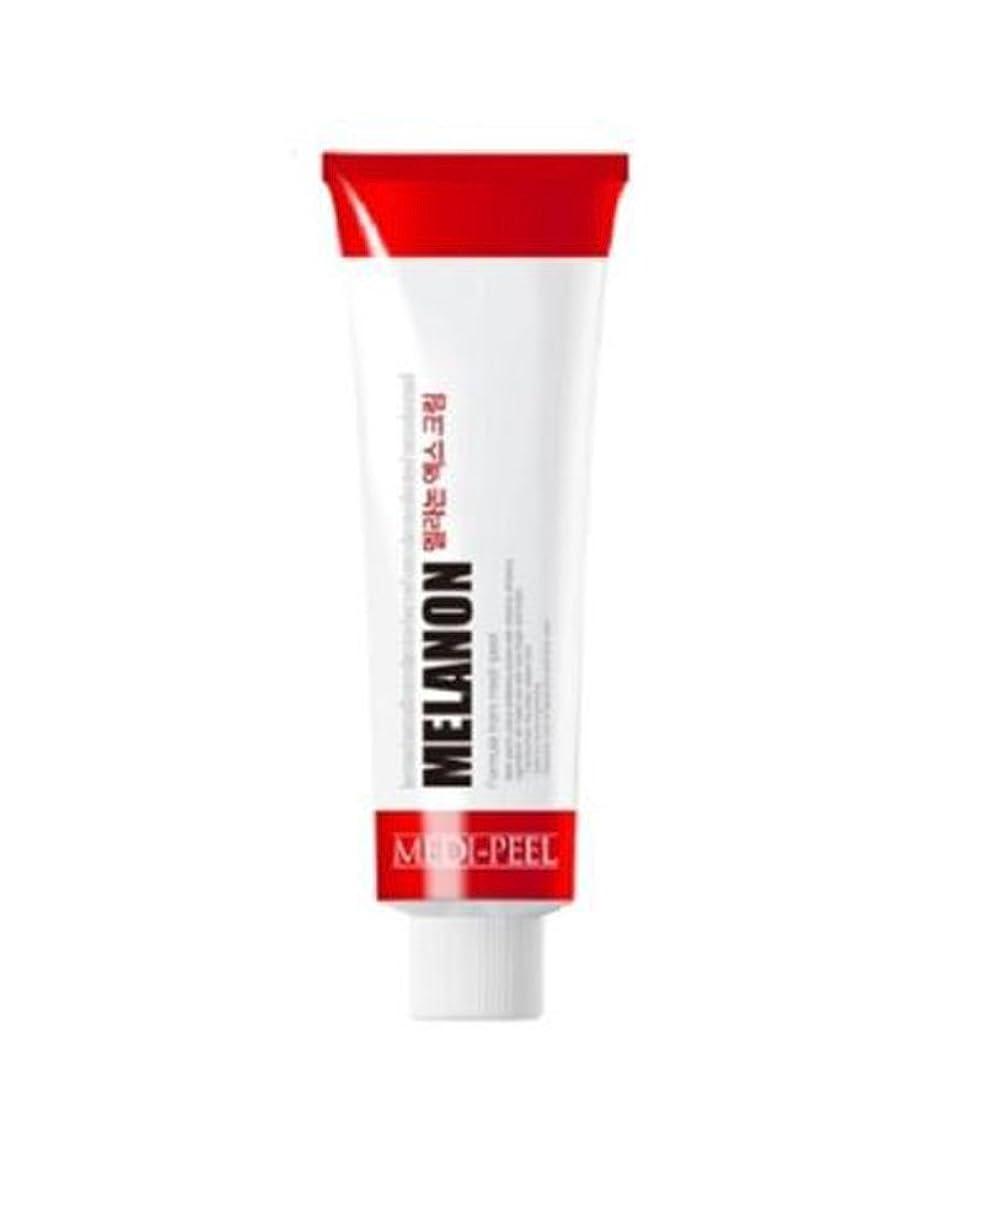 控えめな普遍的なジェムメディピール メラノン エックスク リーム(美白/シワ改善2重機能性化粧品) 30ml. Medi-peel Melanon X Ceam 30ml.